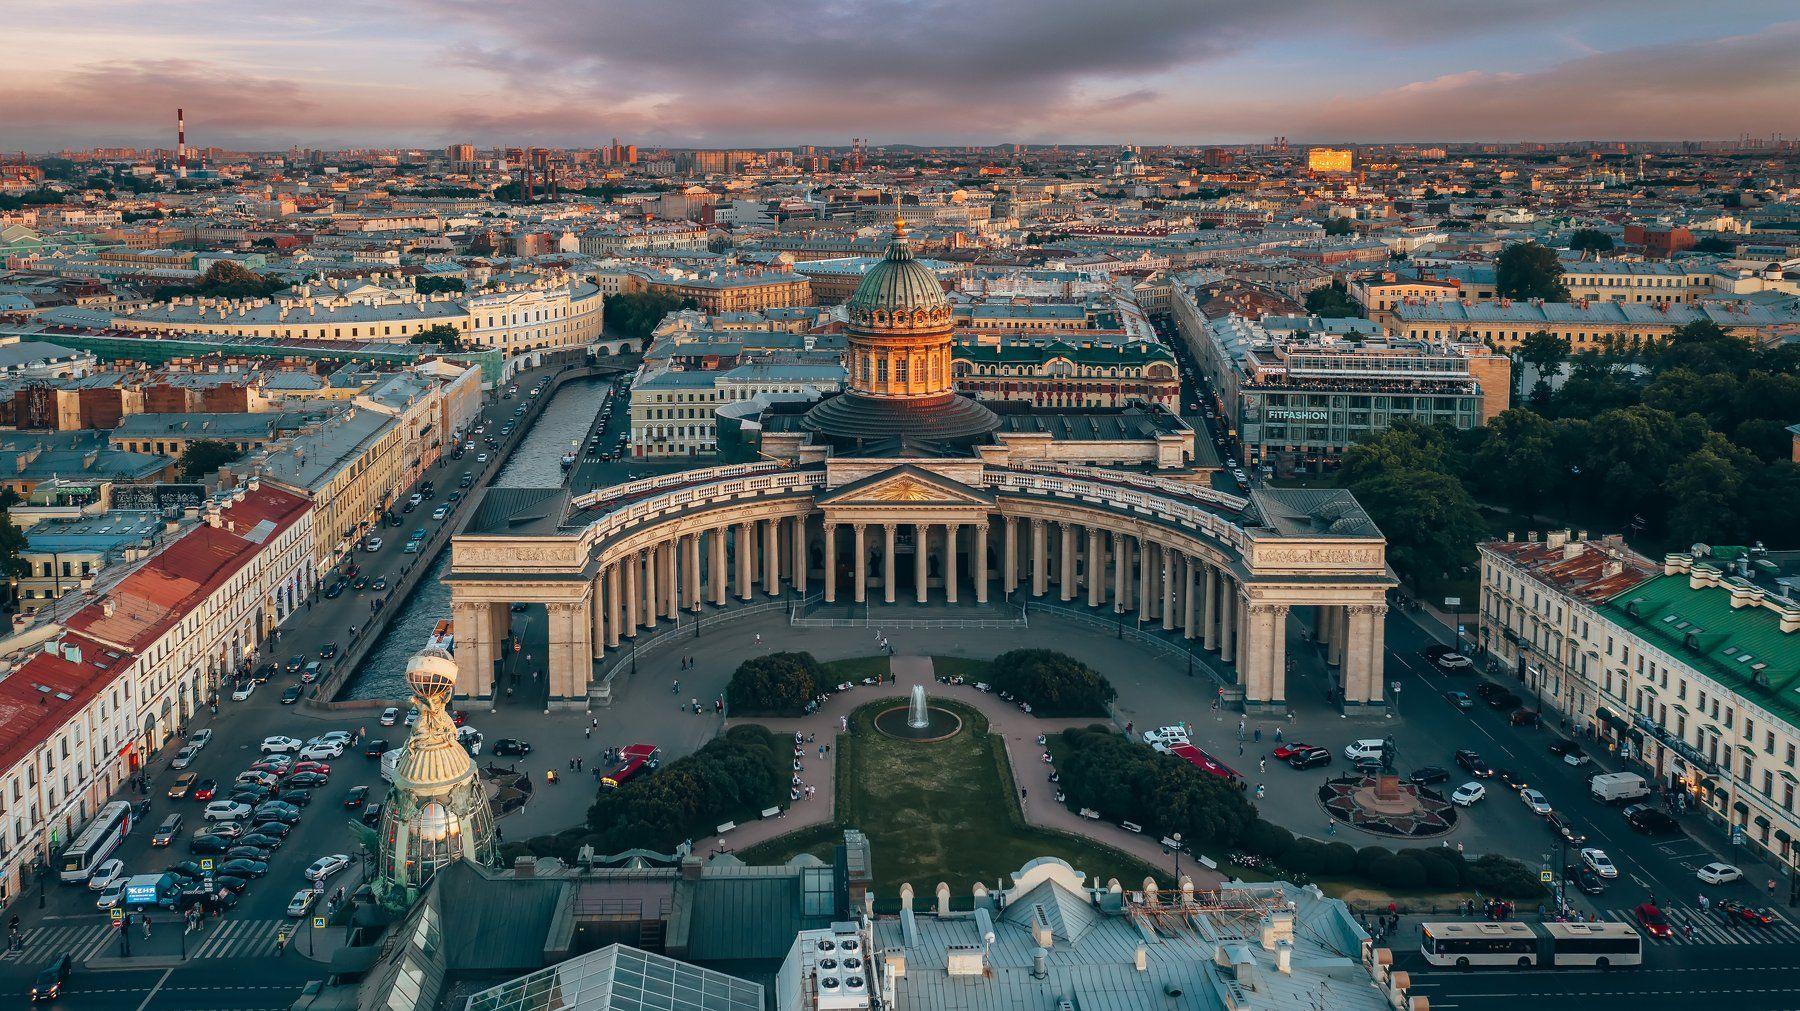 #спб #питер #город #закат #sunset #city, Михайлов Андрей